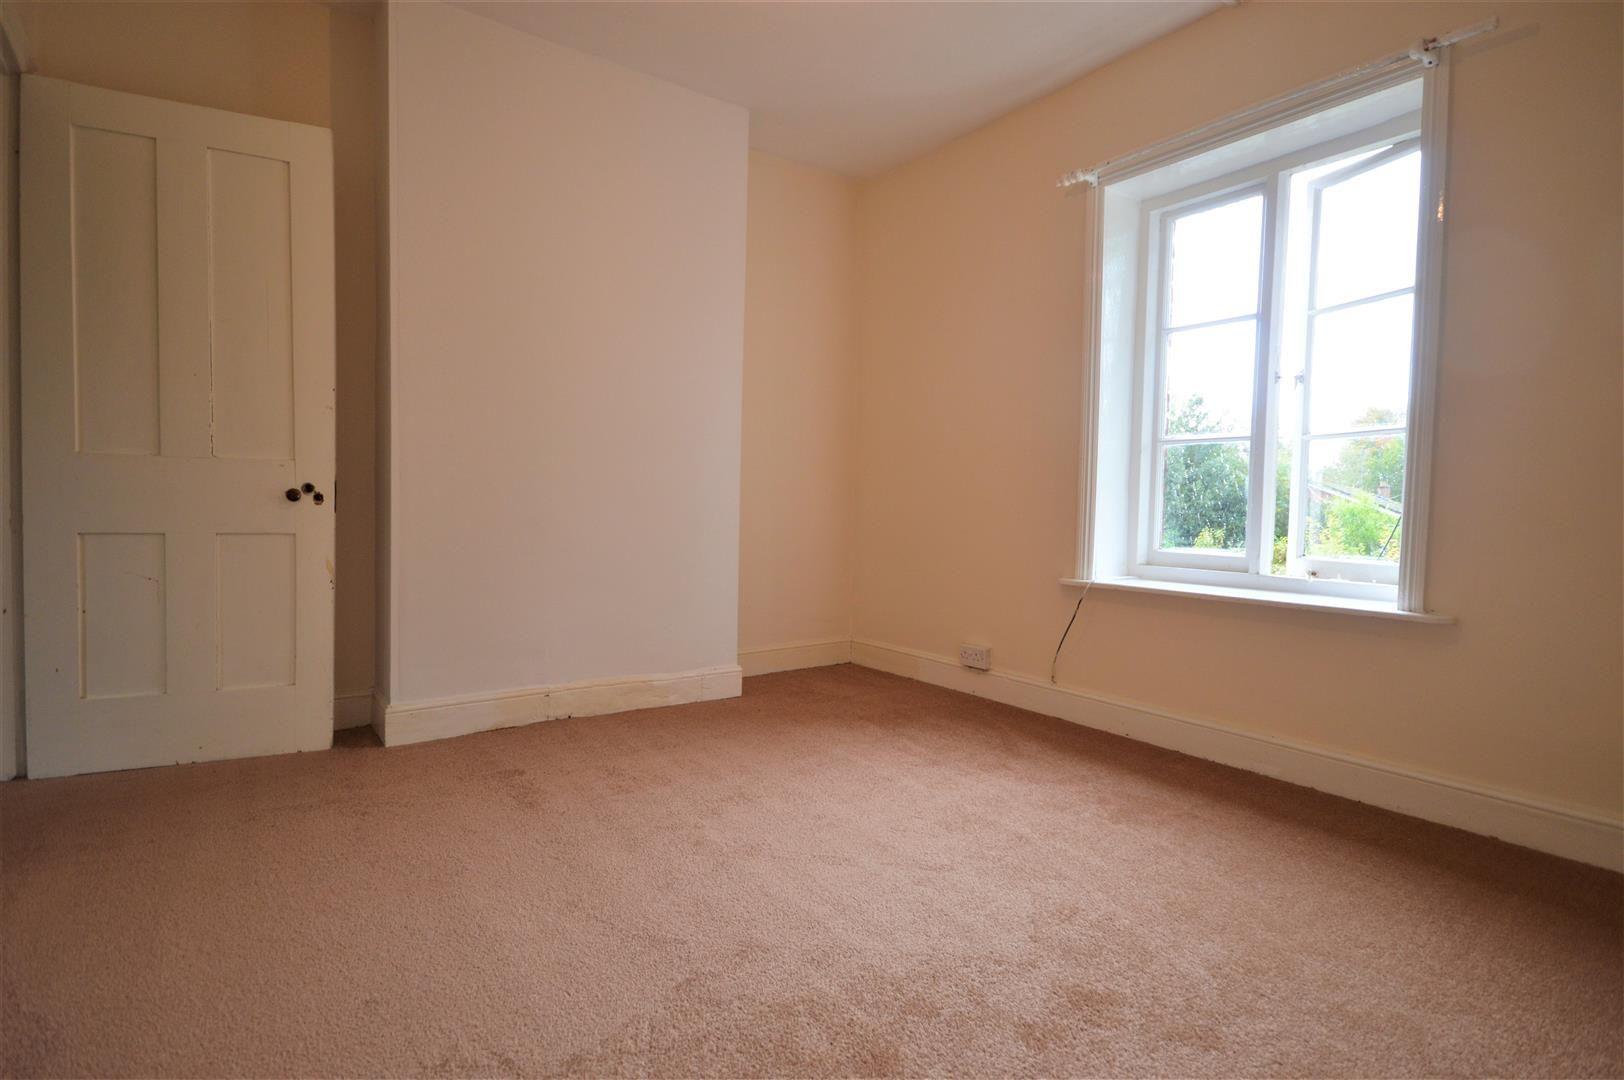 2 bed end of terrace for sale in Eardisland 5